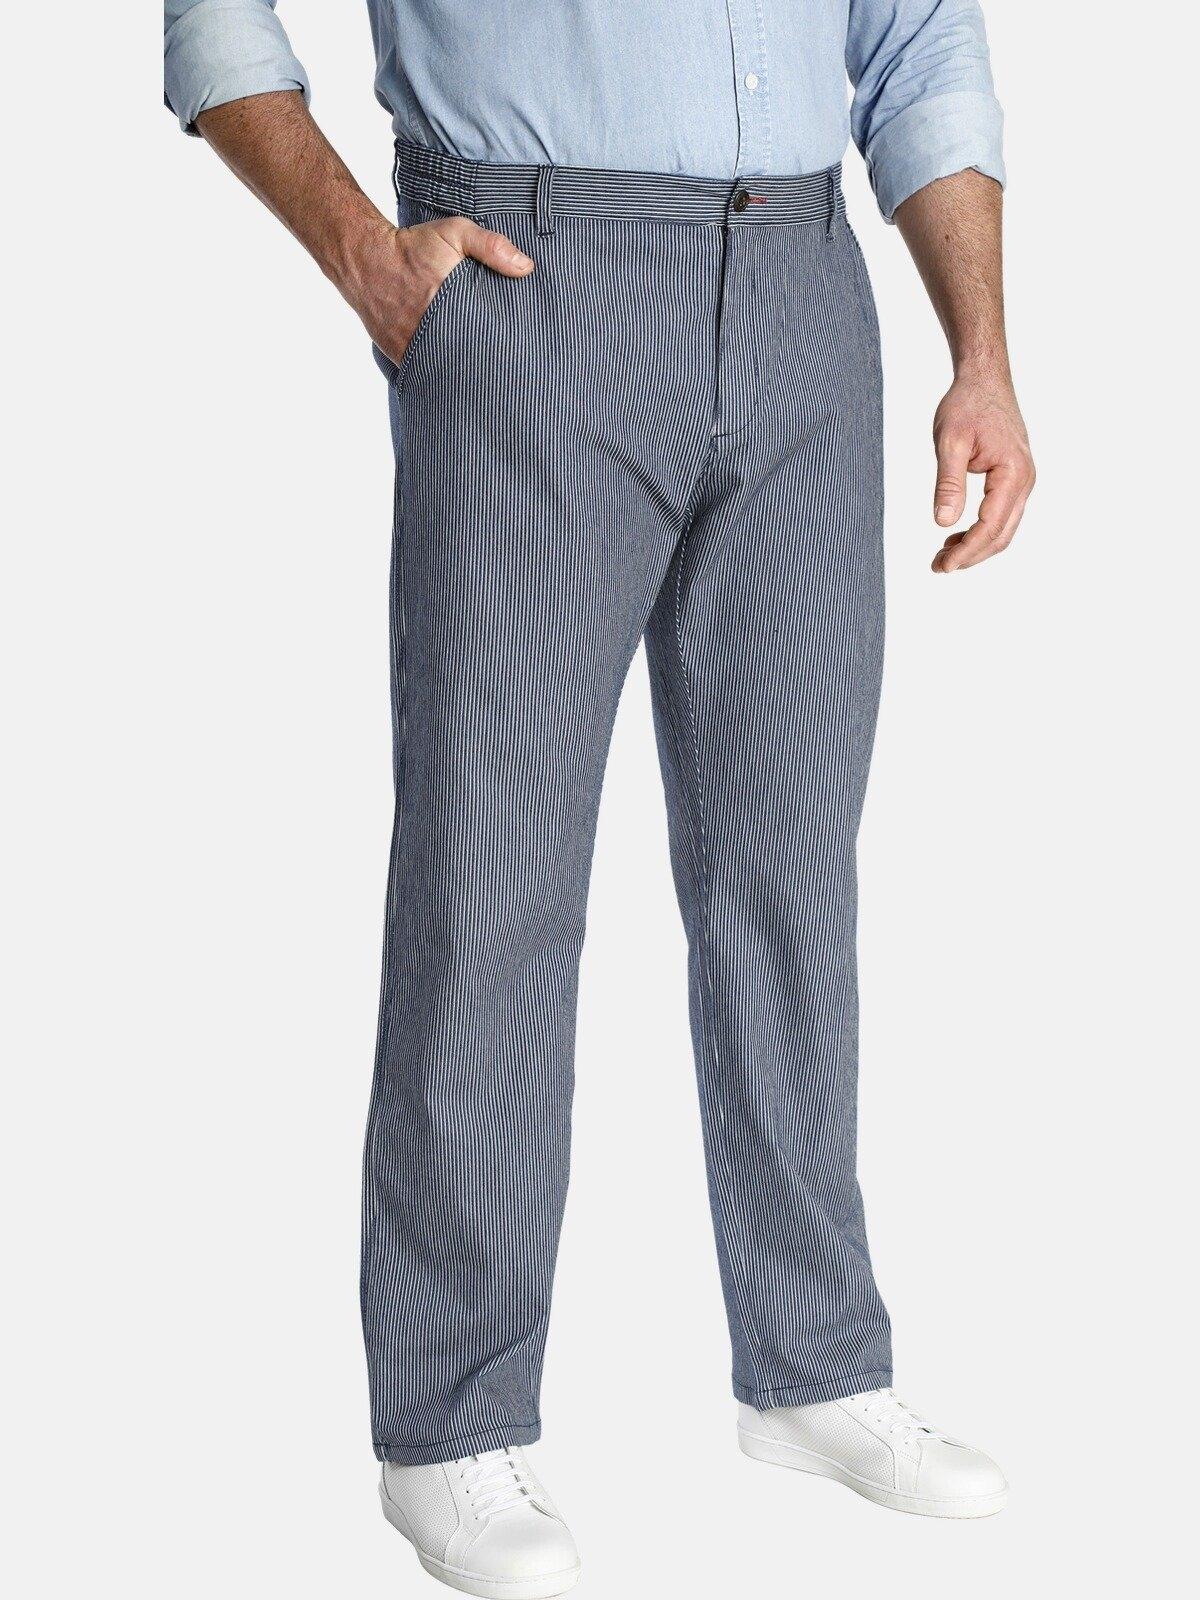 Charles Colby jeans met elastische band »BARON DWAYNE« bij OTTO online kopen